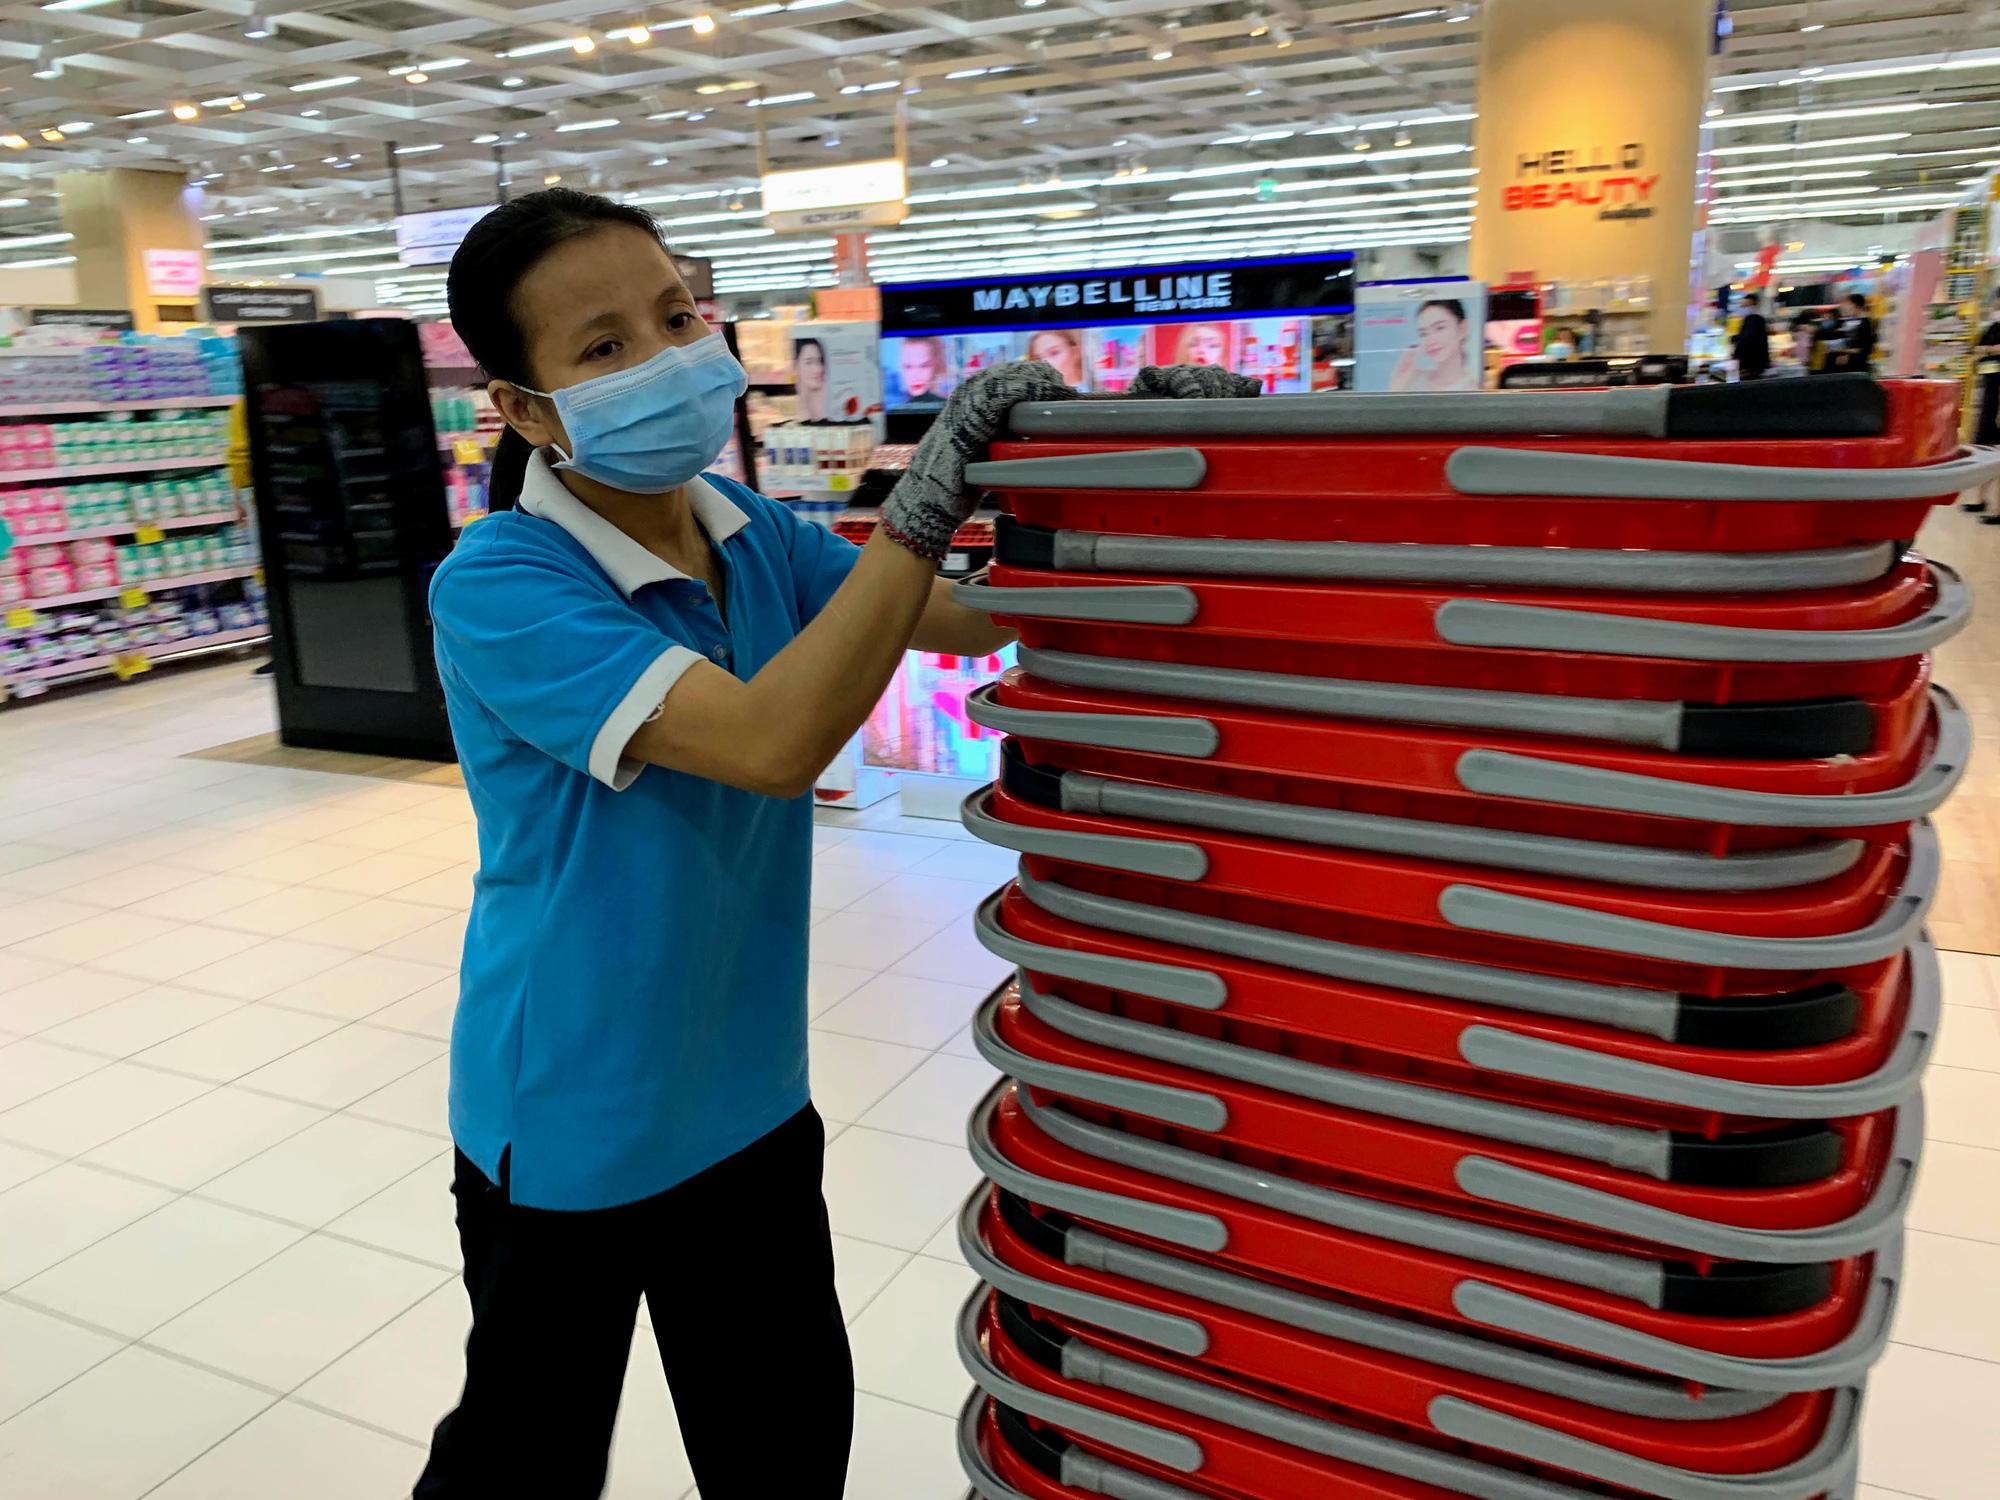 Hàng hoá trở lại đầy ắp trong siêu thị, người dân thảnh thơi mua sắm - Ảnh 3.